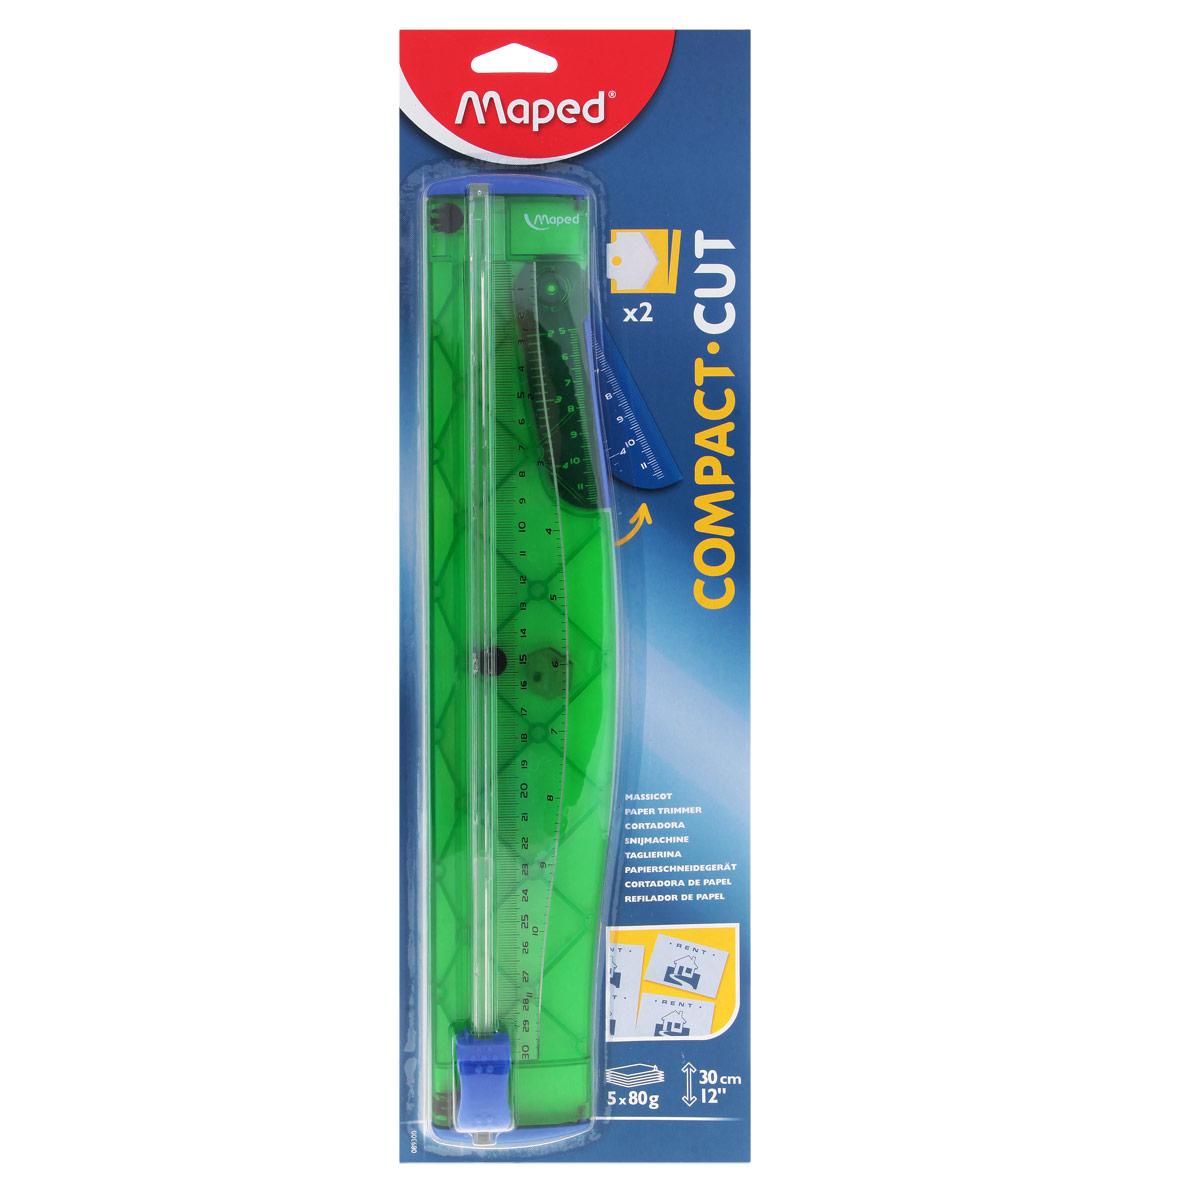 Мини-резак для бумаги Maped Compact, цвет: зеленый89300_зеленыйПрактичный мини-резак для бумаги Compact для бумаги формата А4 с нескользящей основой удобен в использовании и снабжен полупрозрачной градуированной линейкой в сантиметрах и дюймах. Мини-резак предназначен для качественной резки листовых материалов. В комплект входит запасной нож.